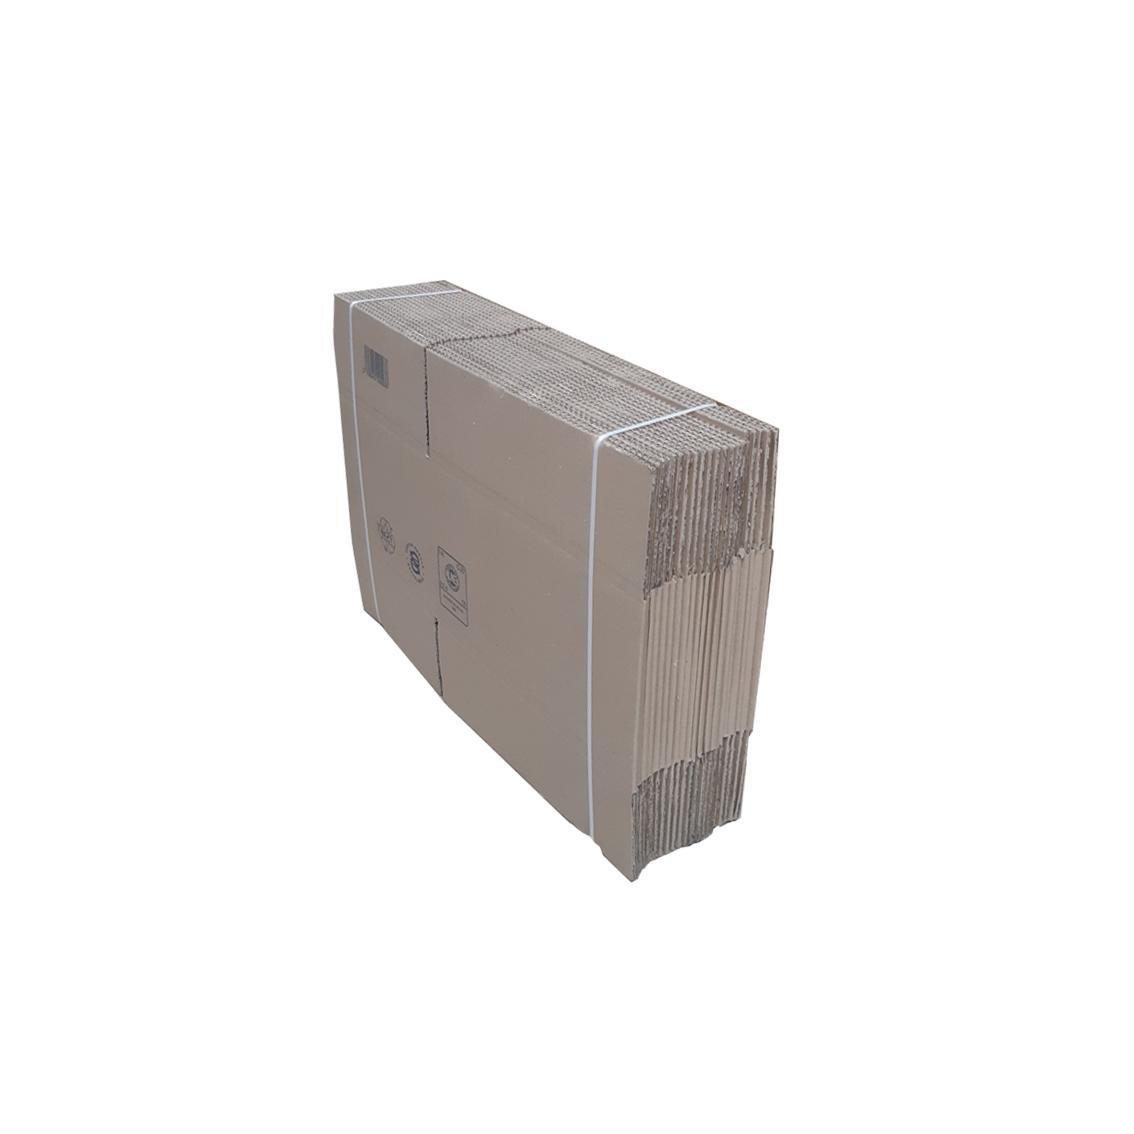 Carton de déménagement 30x20x17cm X 20